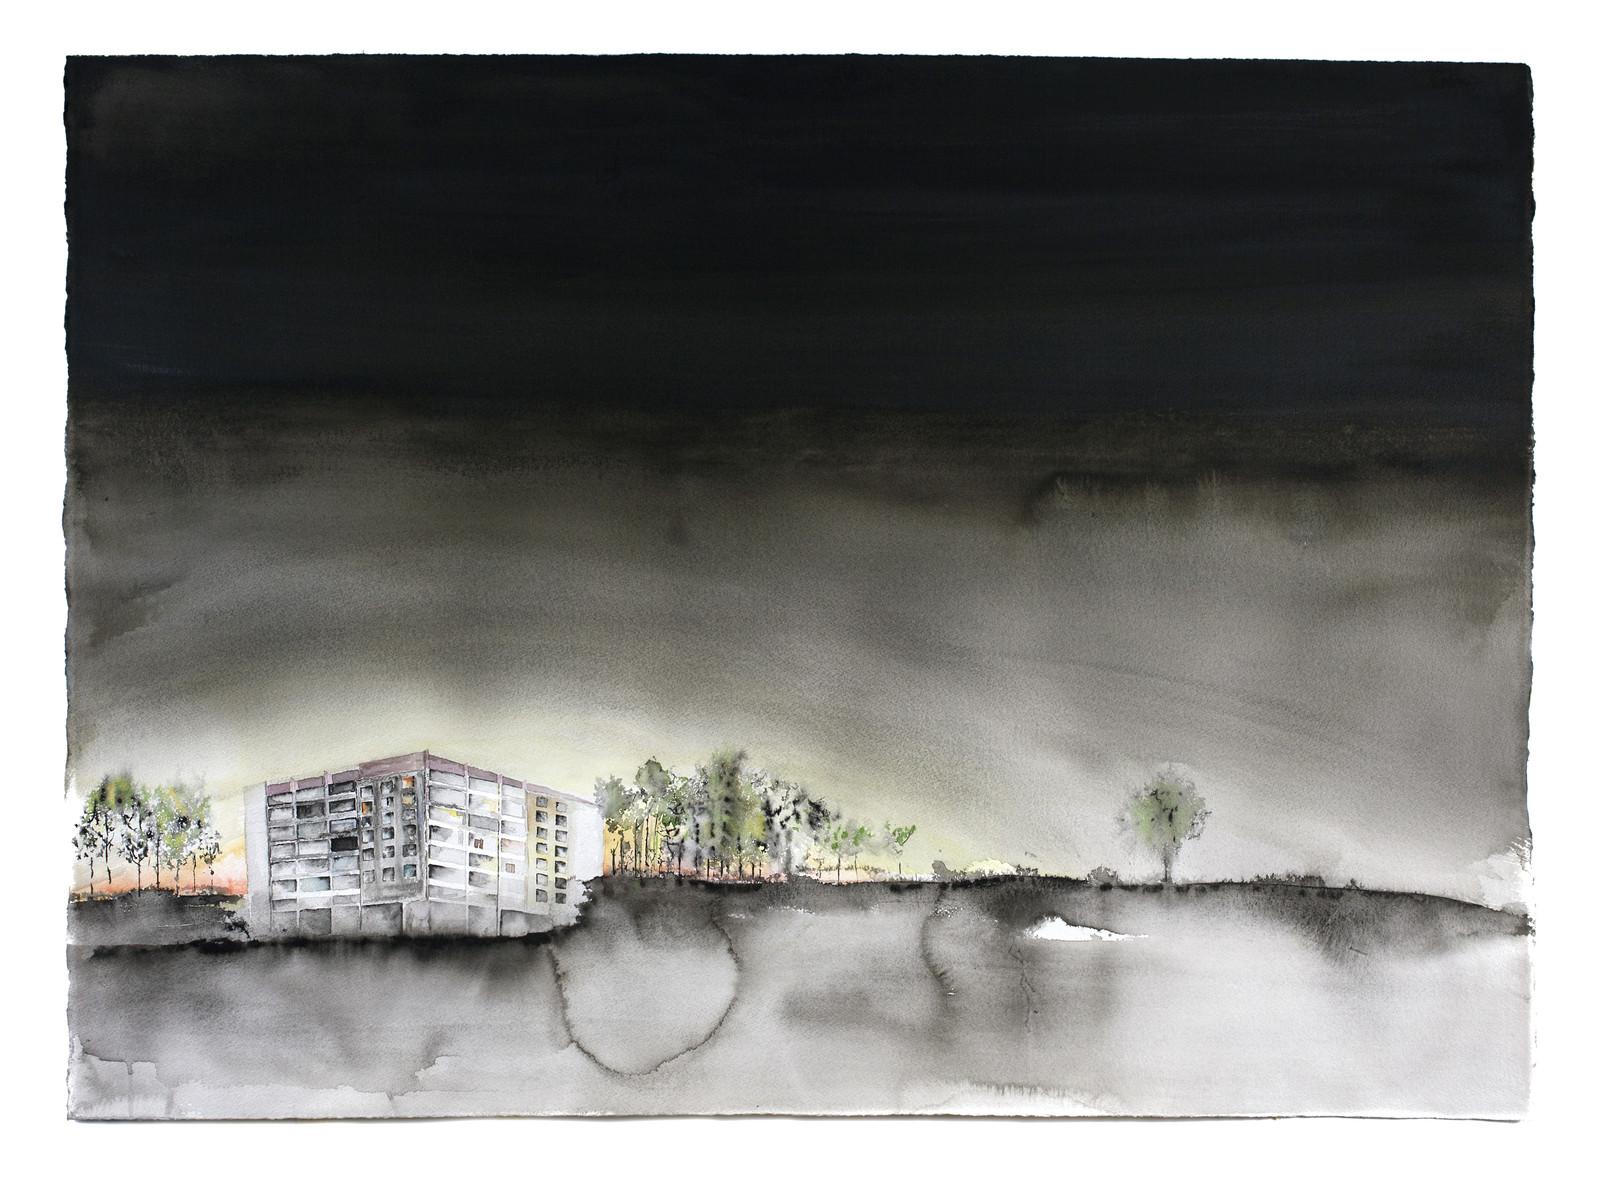 Lägenhetshus Tjernobyl, 2020